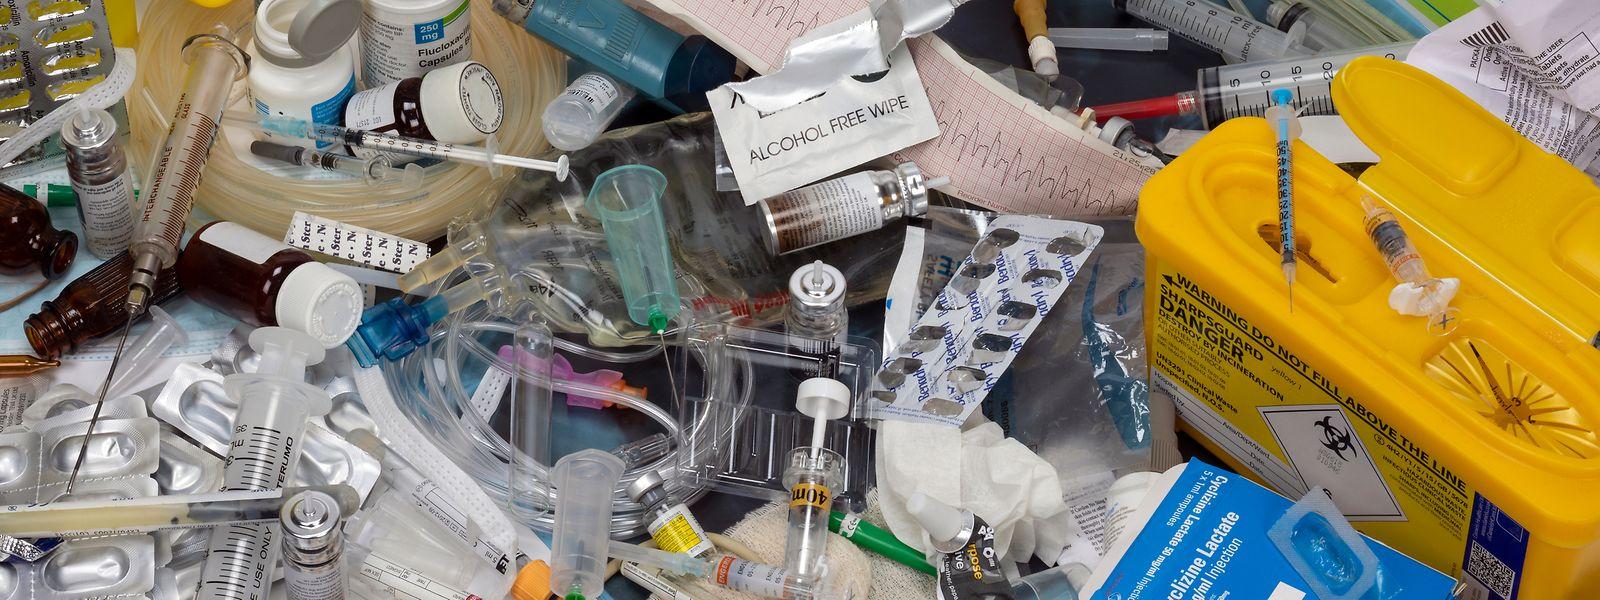 Le pays ne peut actuellement pas éliminer sur son territoire ses 600 tonnes de déchets médicaux.